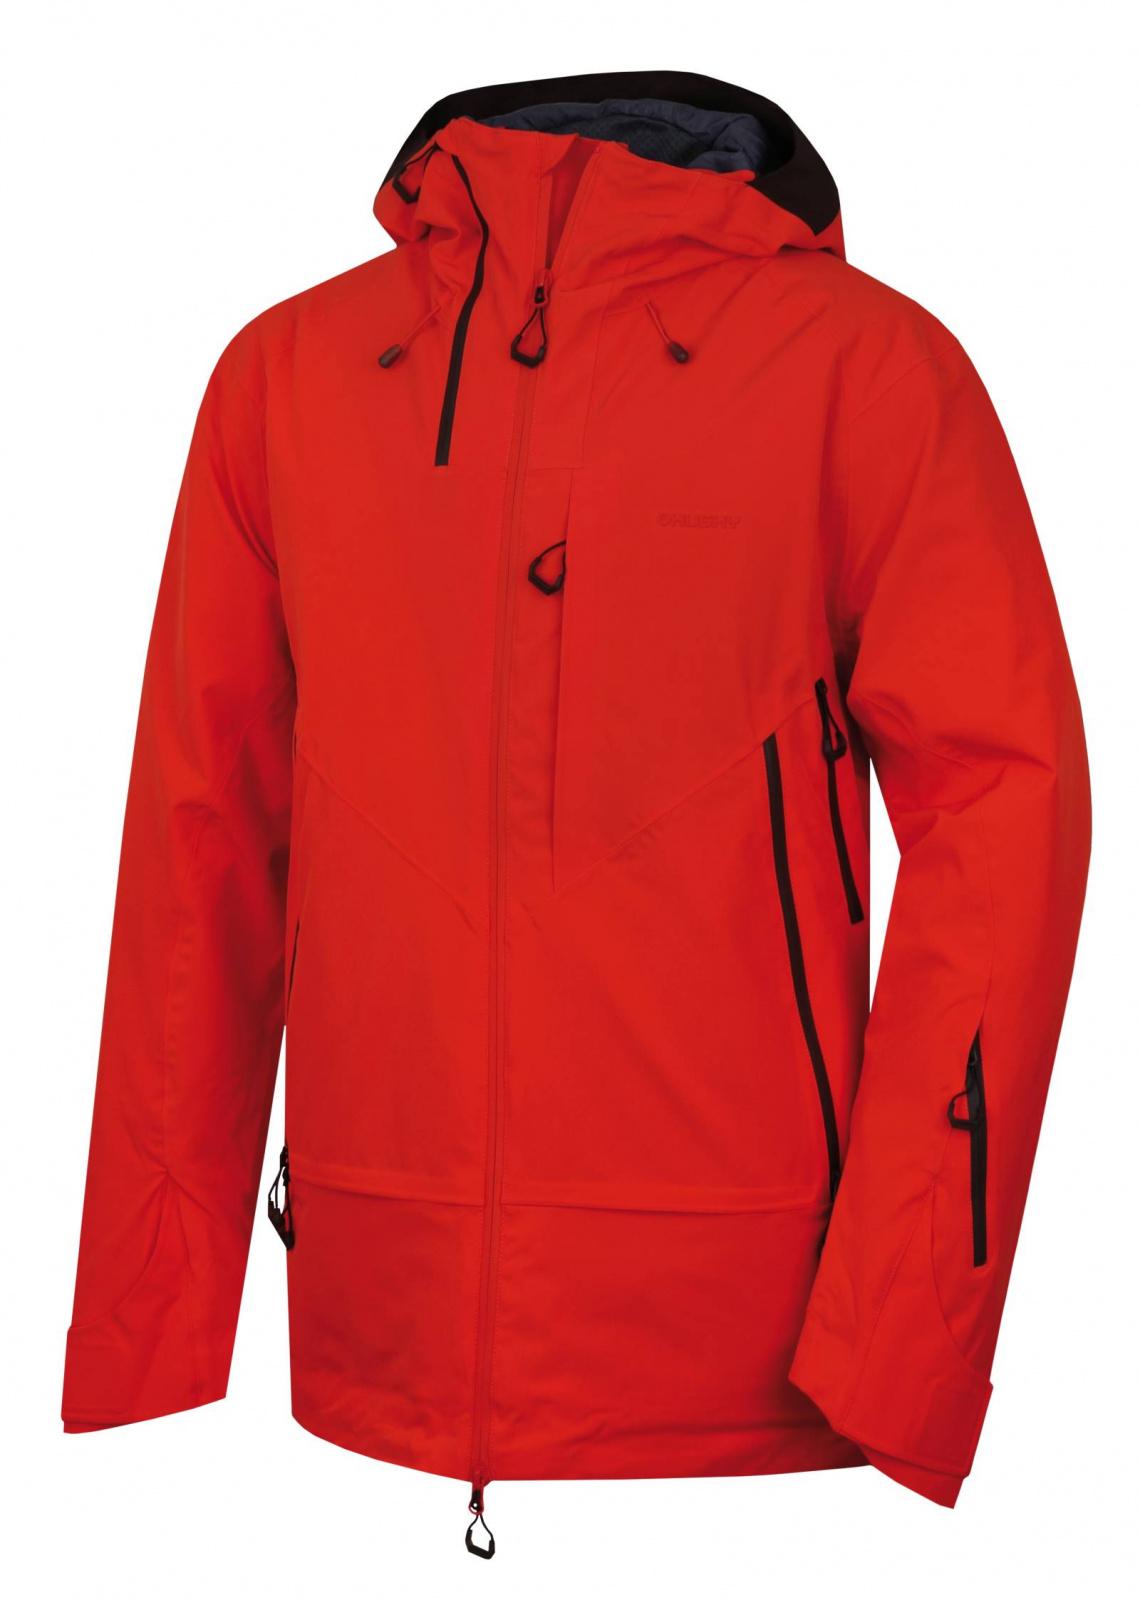 E-shop Husky Pánská hardshell bunda Gambola M výrazně červená